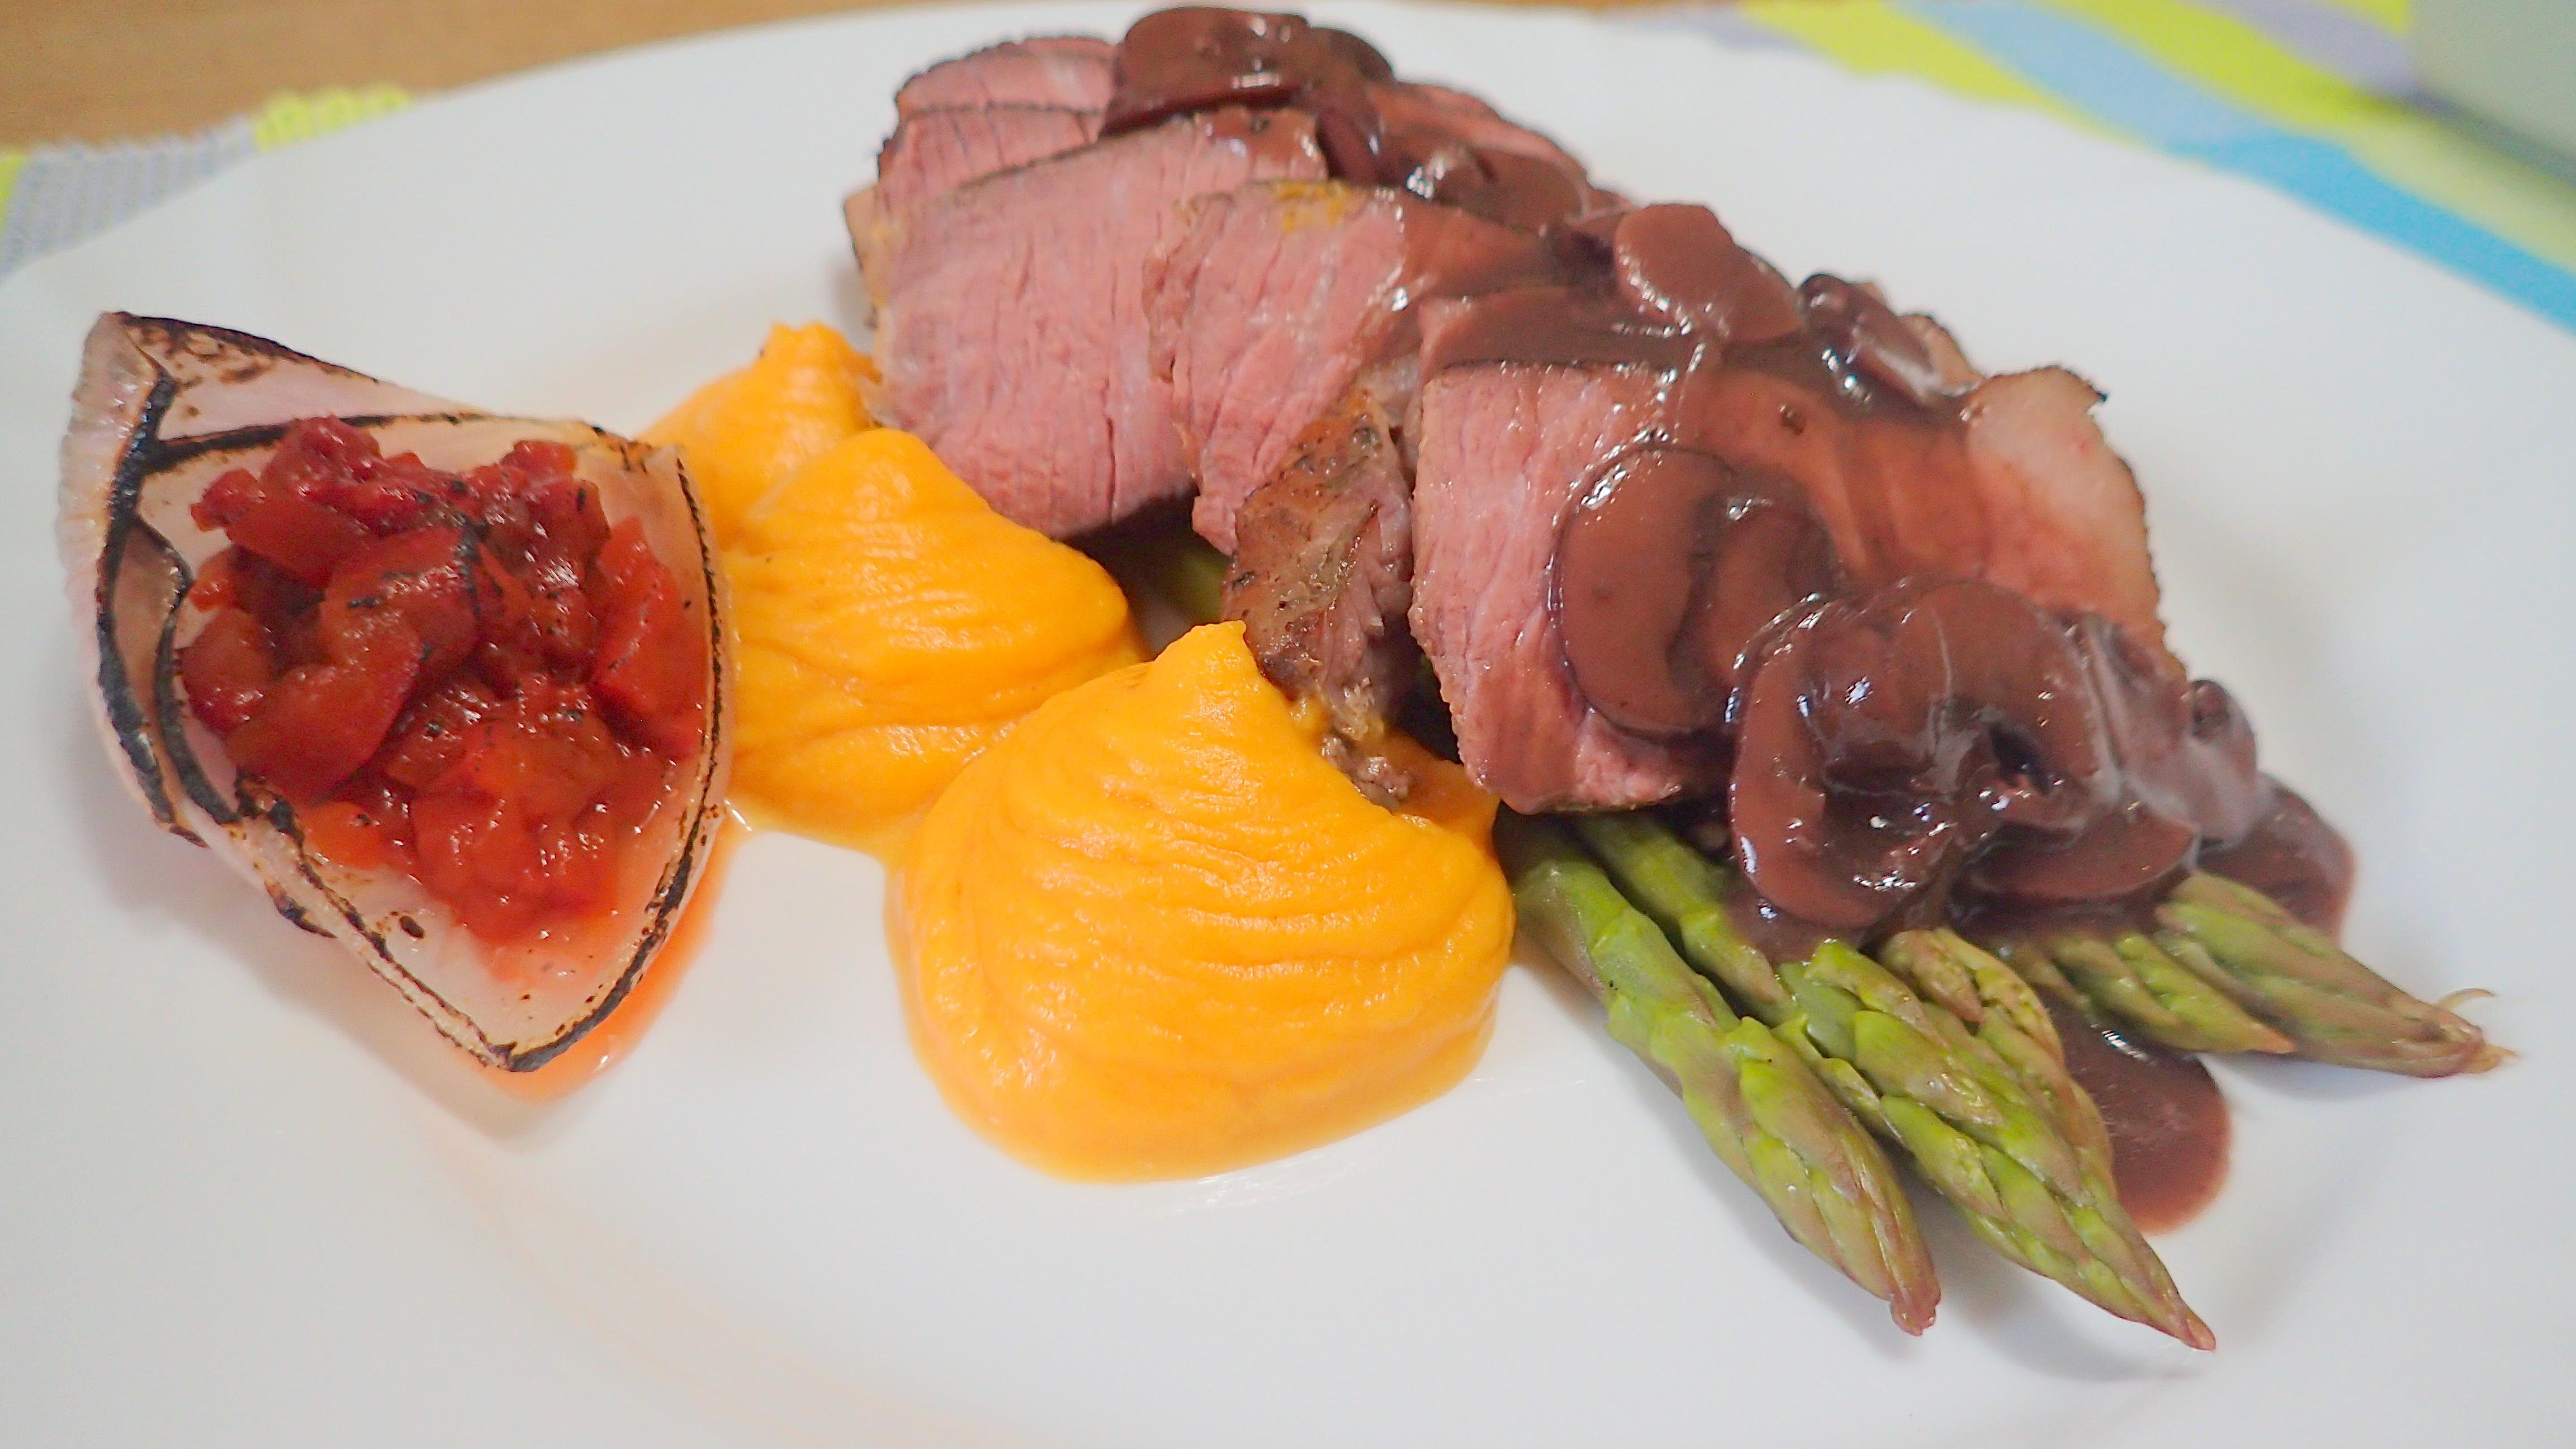 SousVide Beef Brisket Steaks in mushroom red wine jus